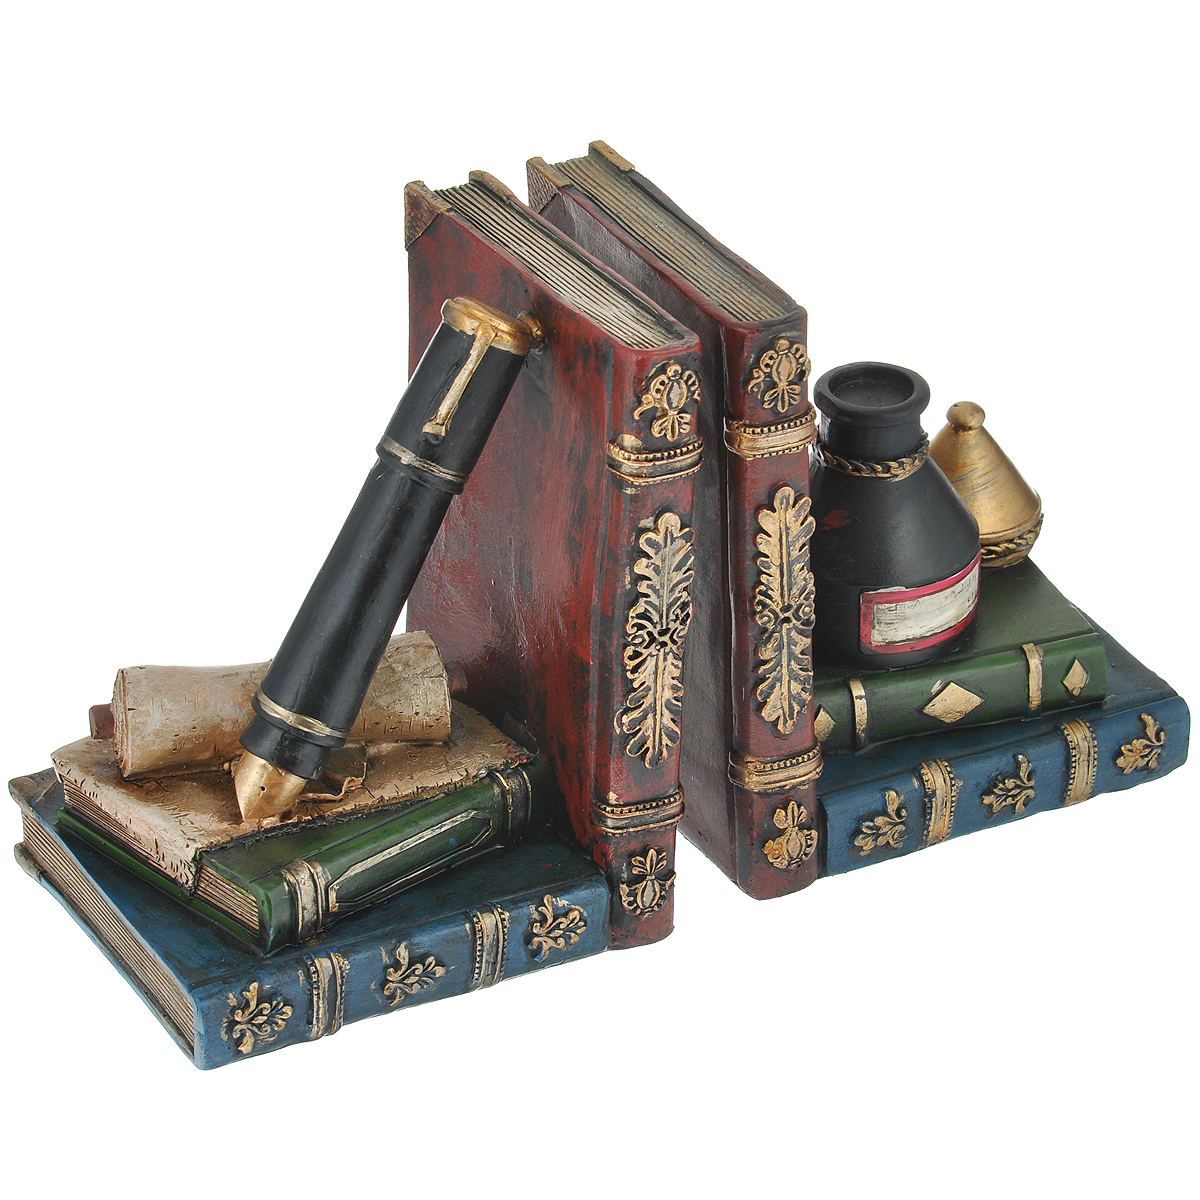 Декоративная подставка-ограничитель для книг Феникс-презент Алхимия, 2 шт подставка ограничитель для книг купола